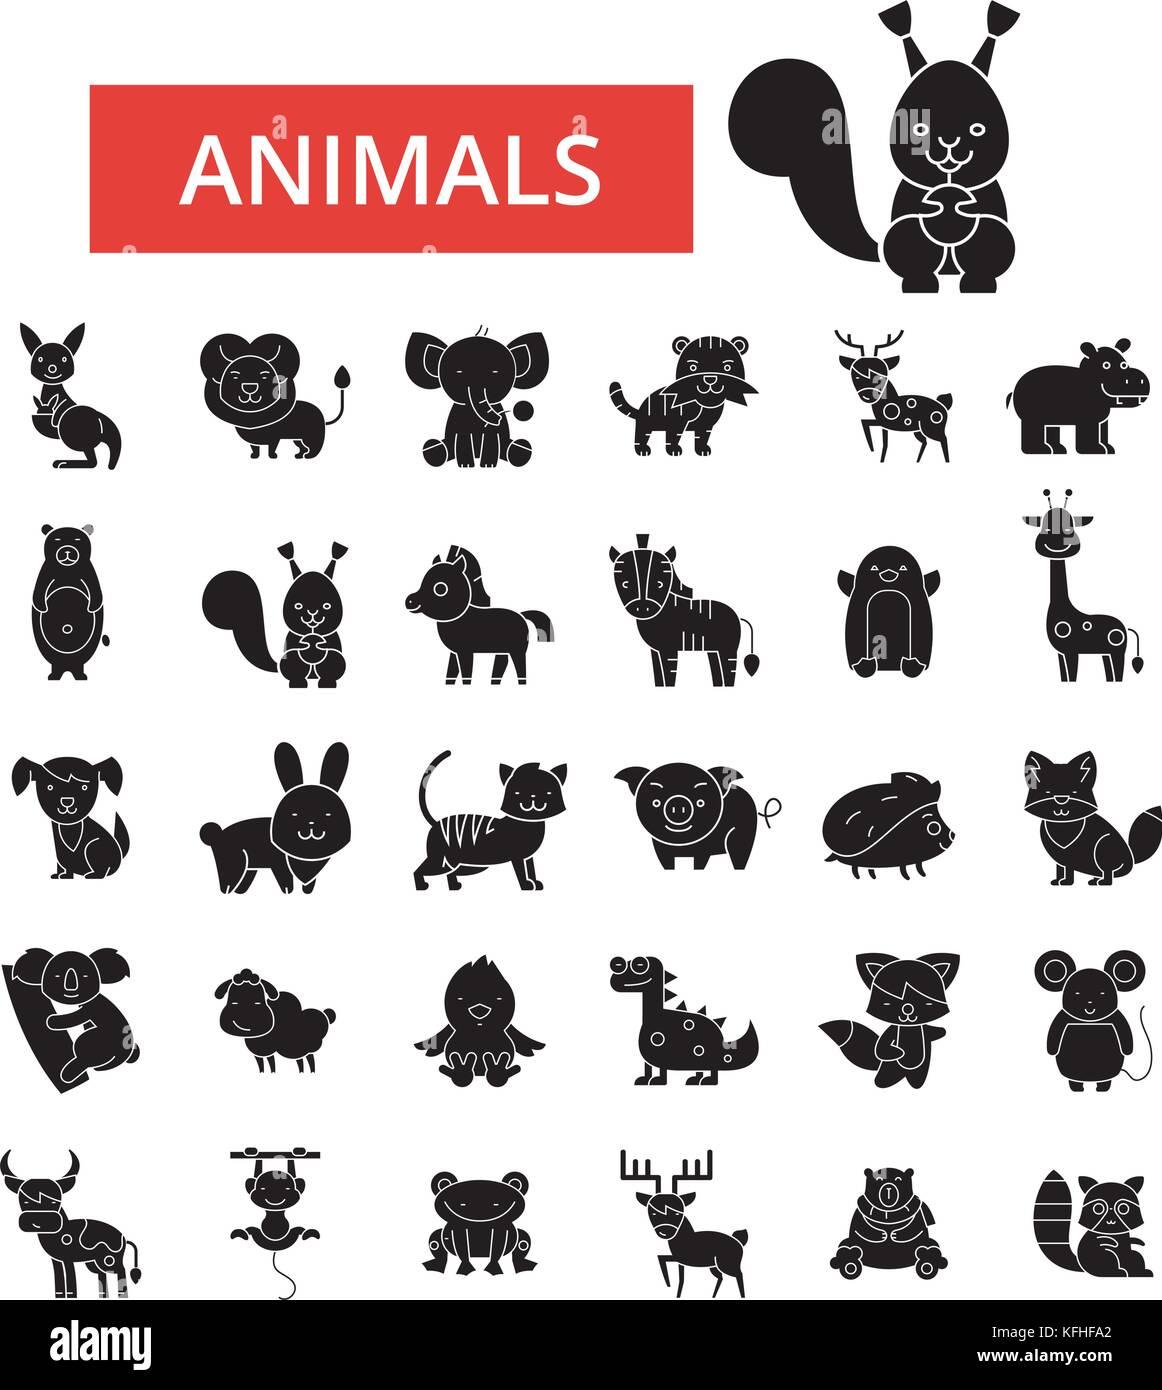 Bonitos Animales Ilustración La Línea Fina Iconos Planas Lineales